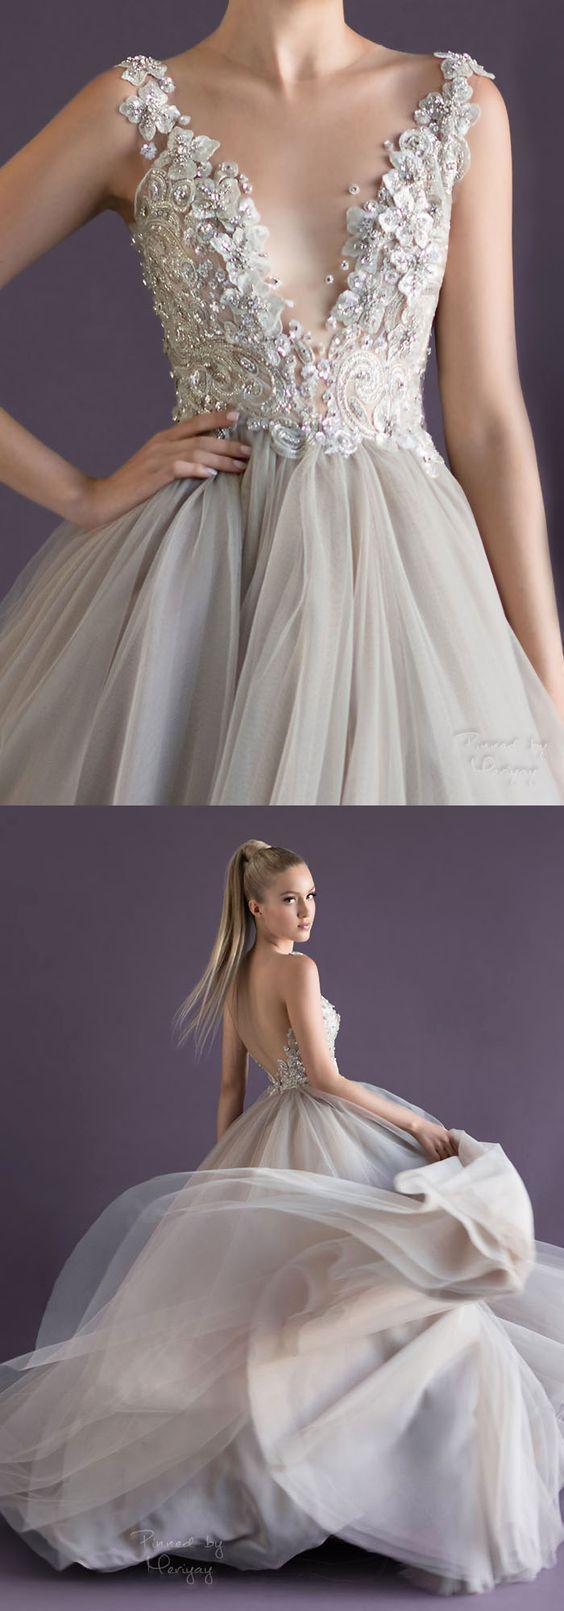 Neue Art-Abschlussball-Kleid-reizvolle Abschlussball-Kleid ...